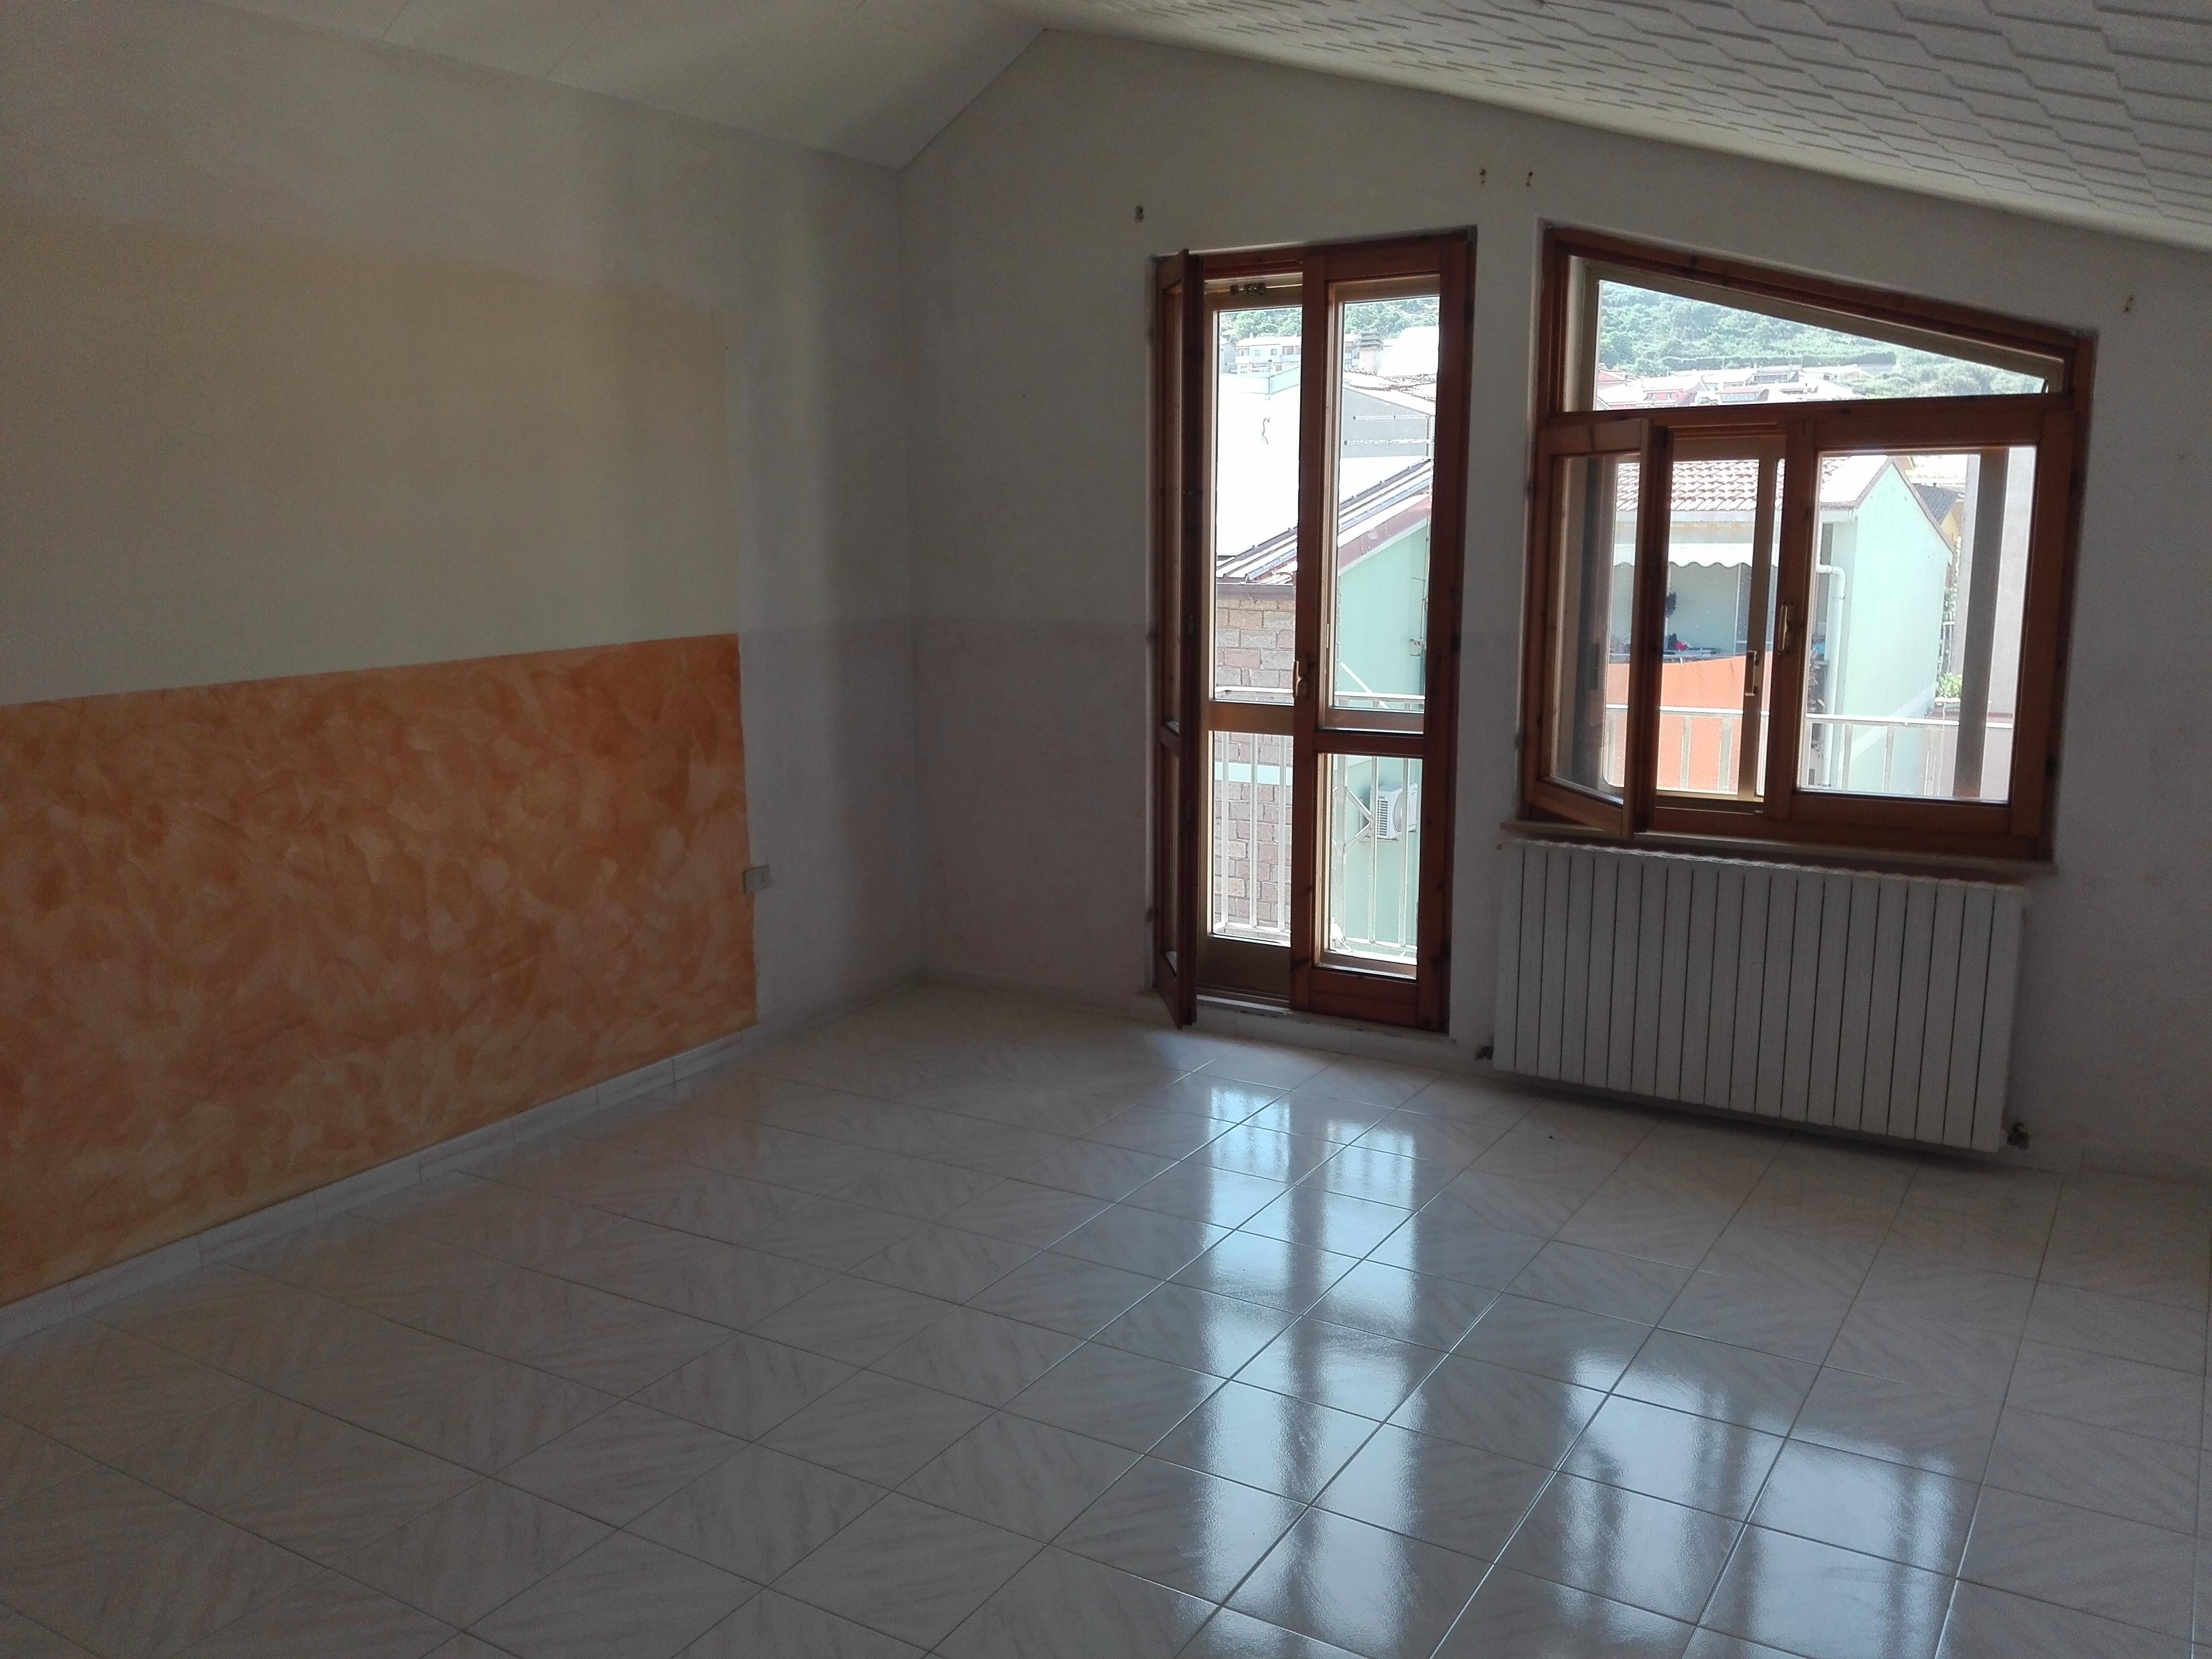 Appartamento vendita MACOMER (NU) - 99 LOCALI - 100 MQ